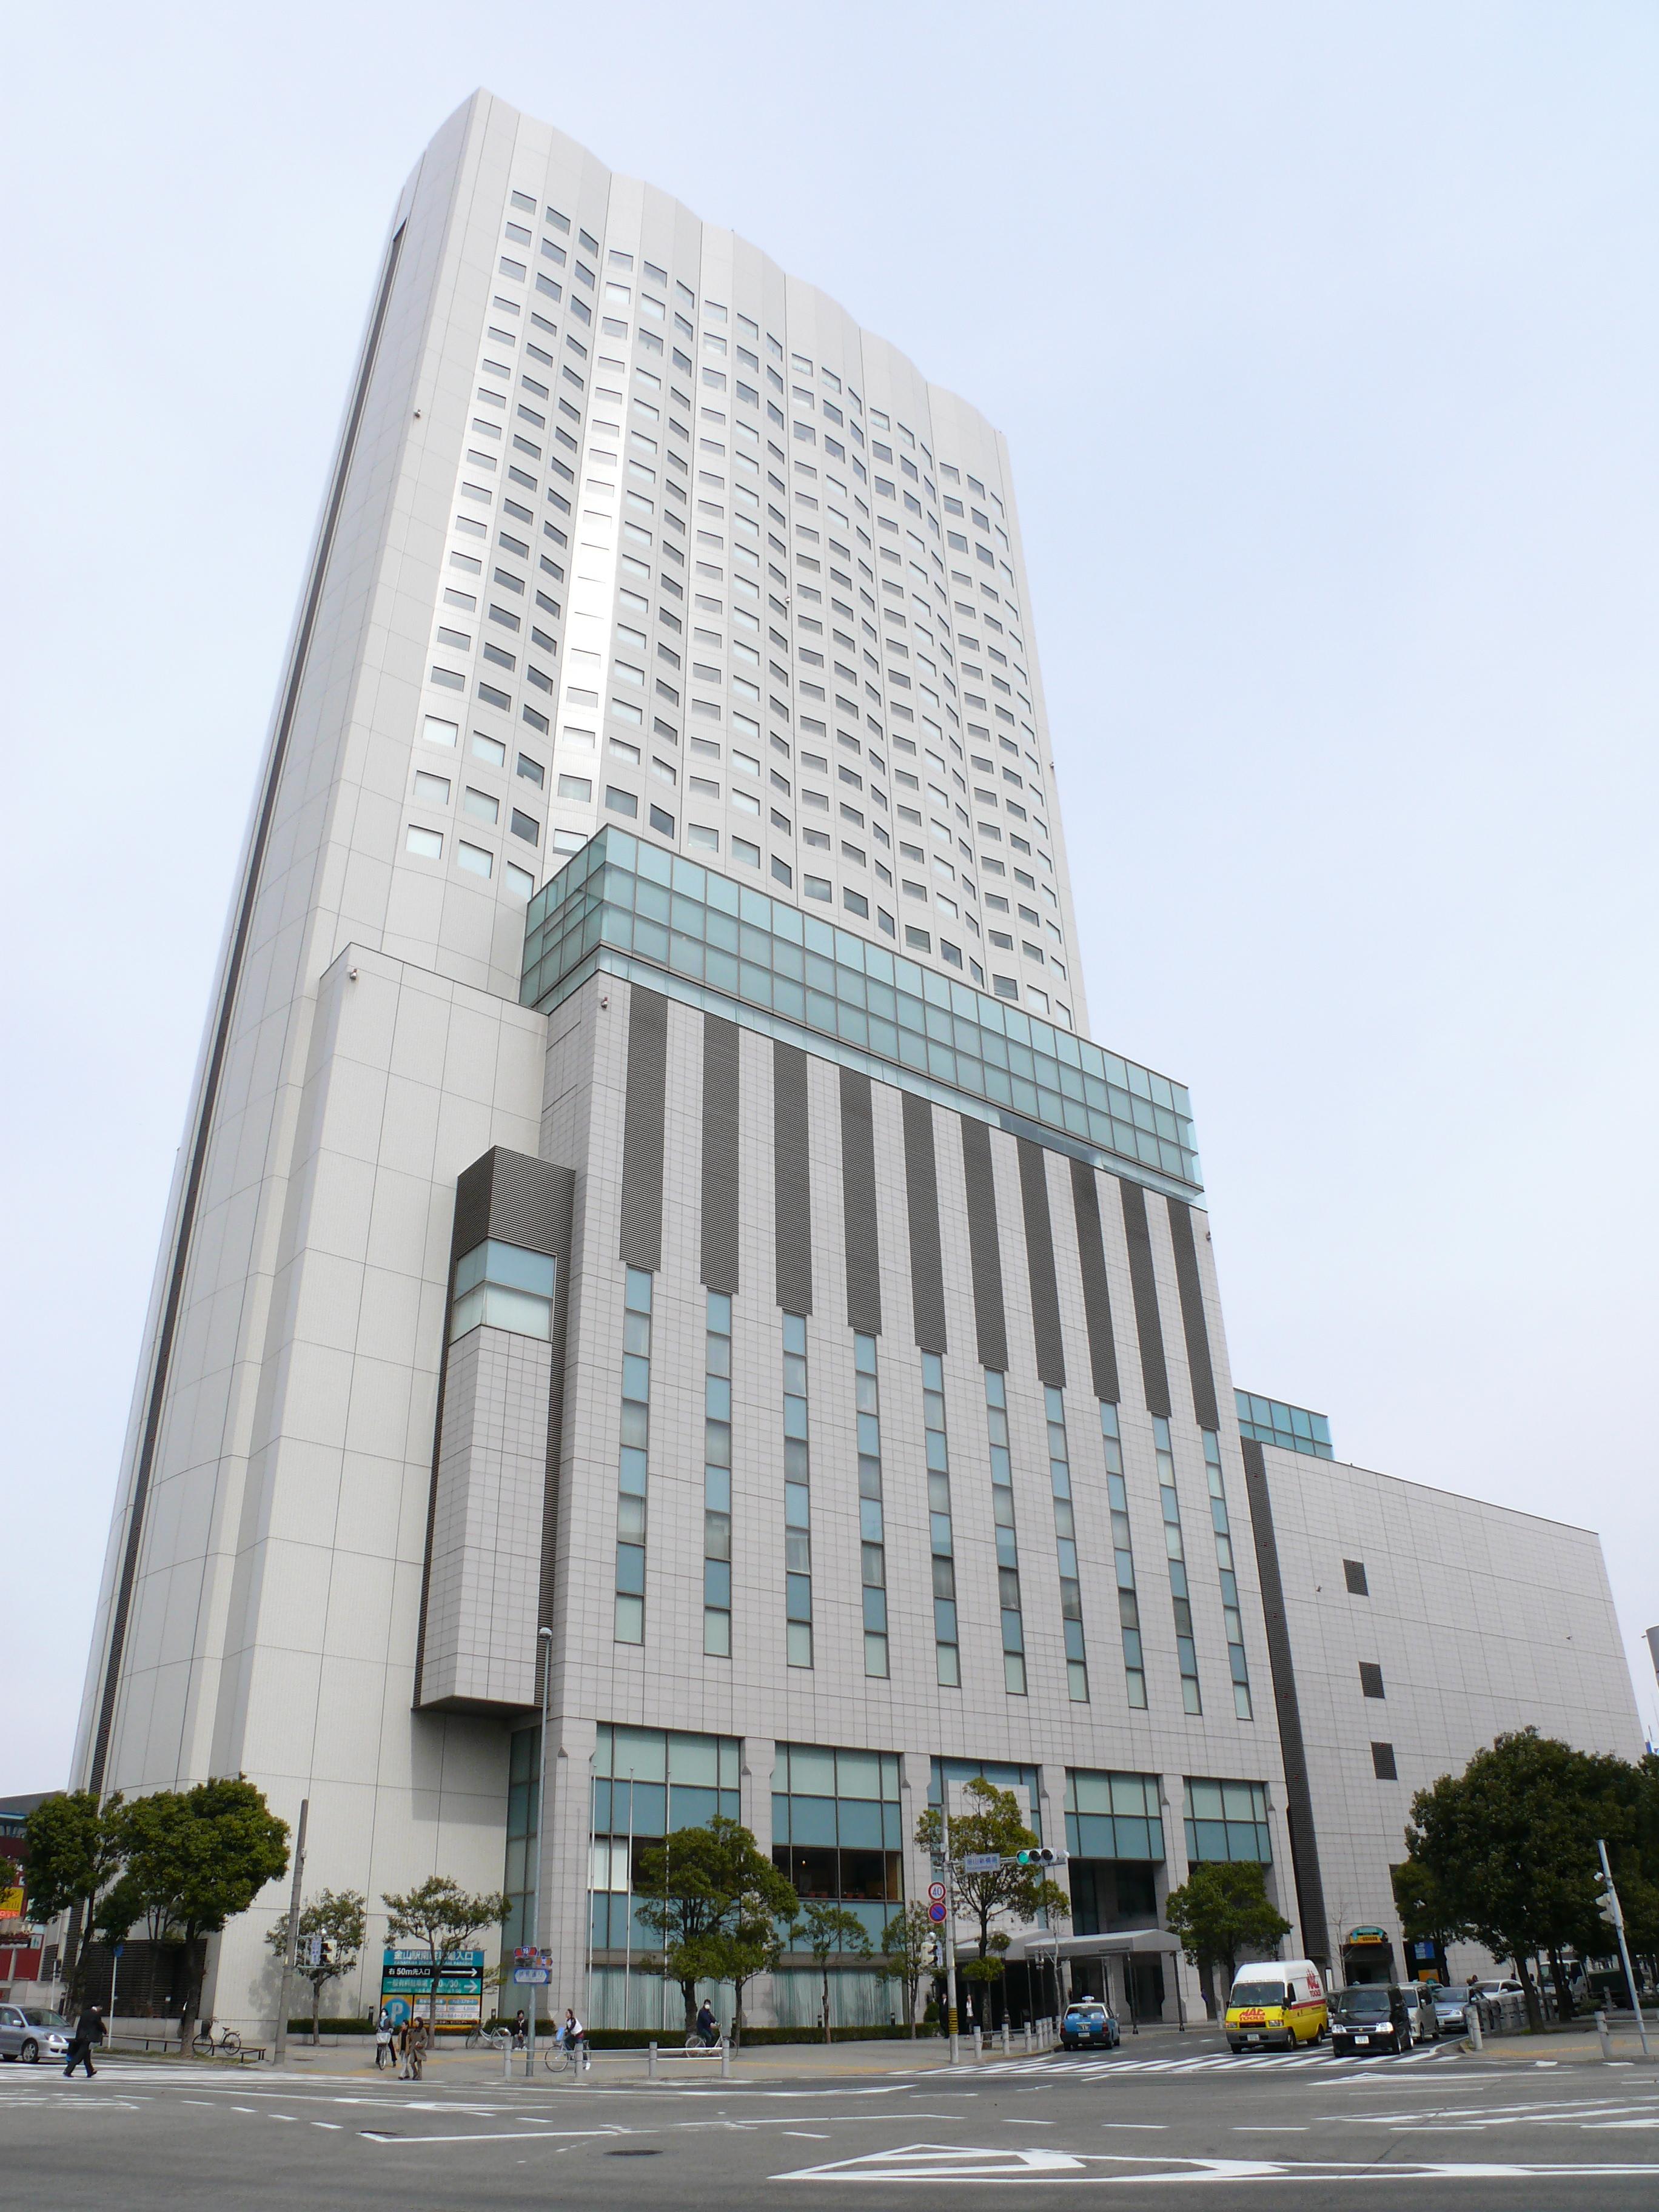 Ana クラウン プラザ ホテル グラン コート 名古屋